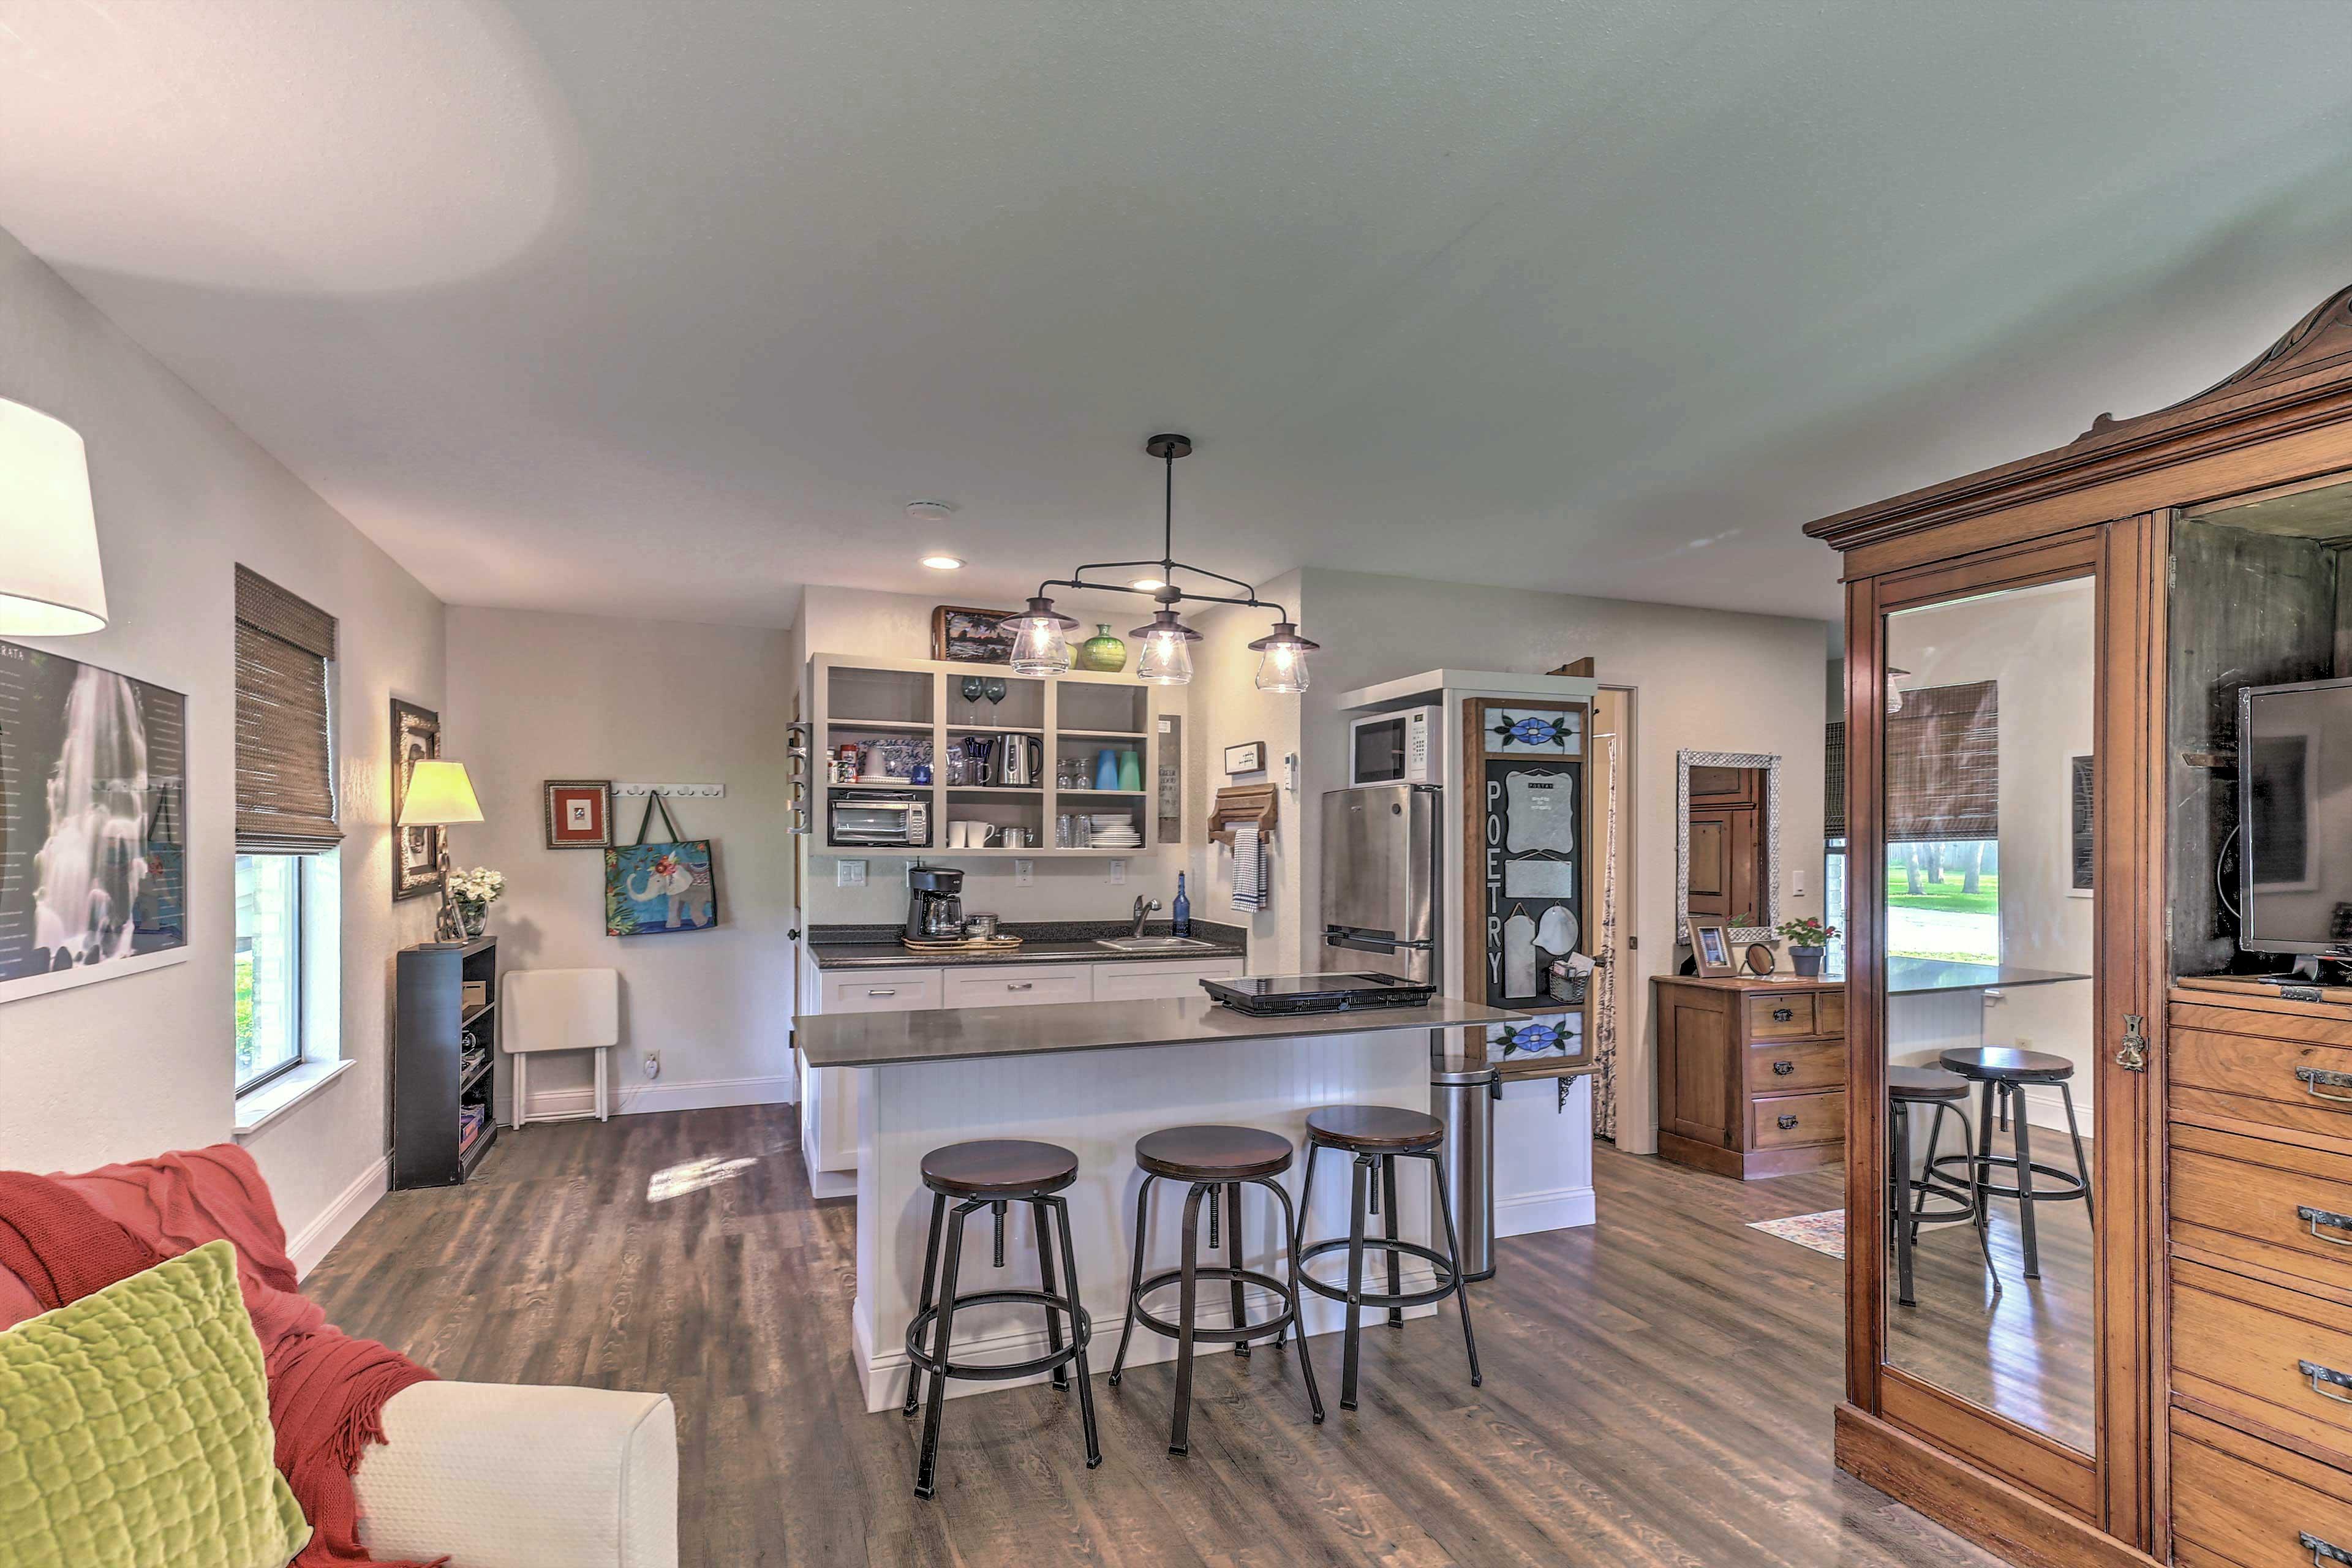 Living Area | Smart TV